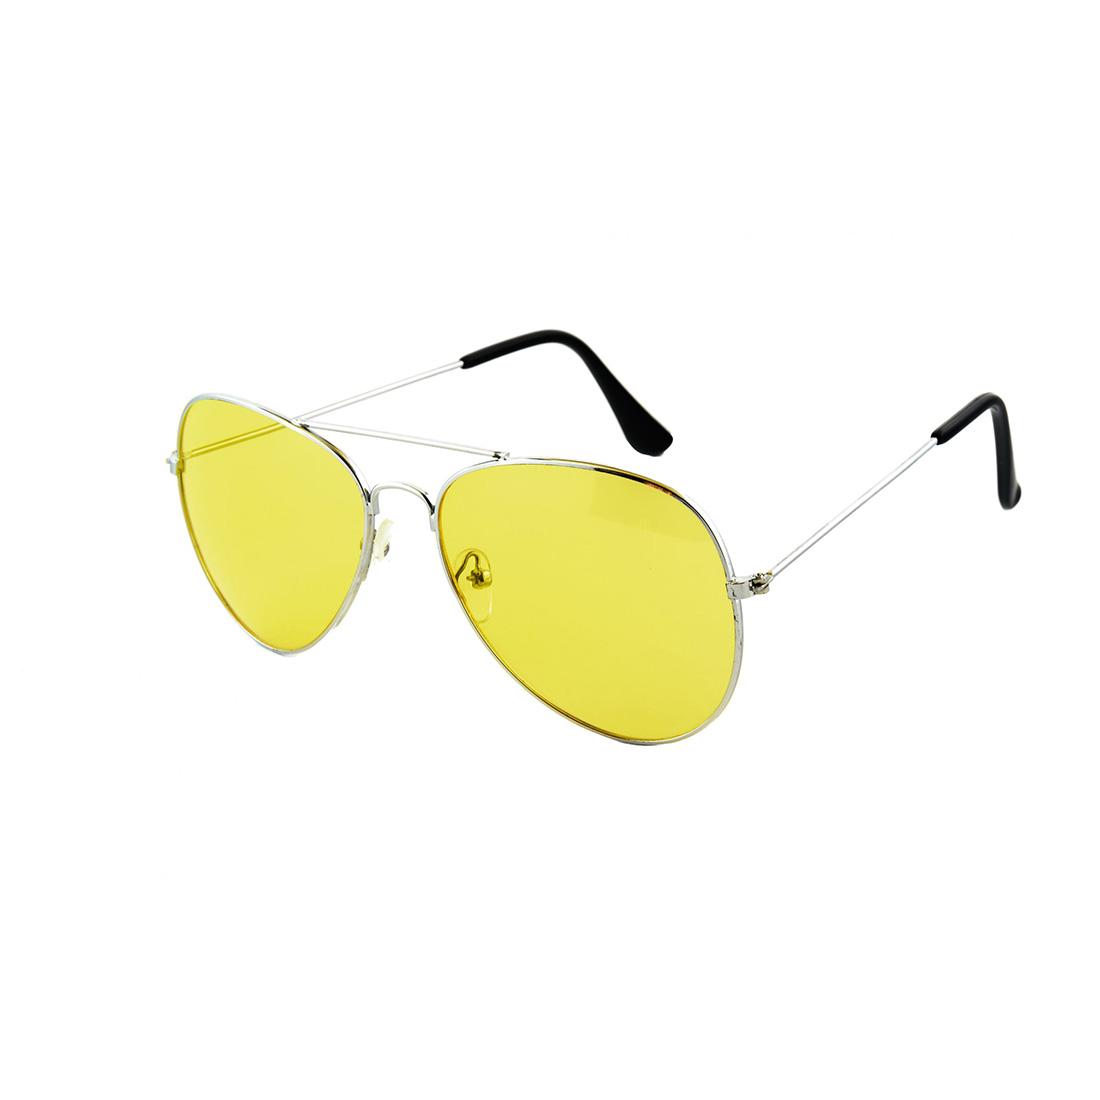 NVG - éjszakai látássegítő szemüveg